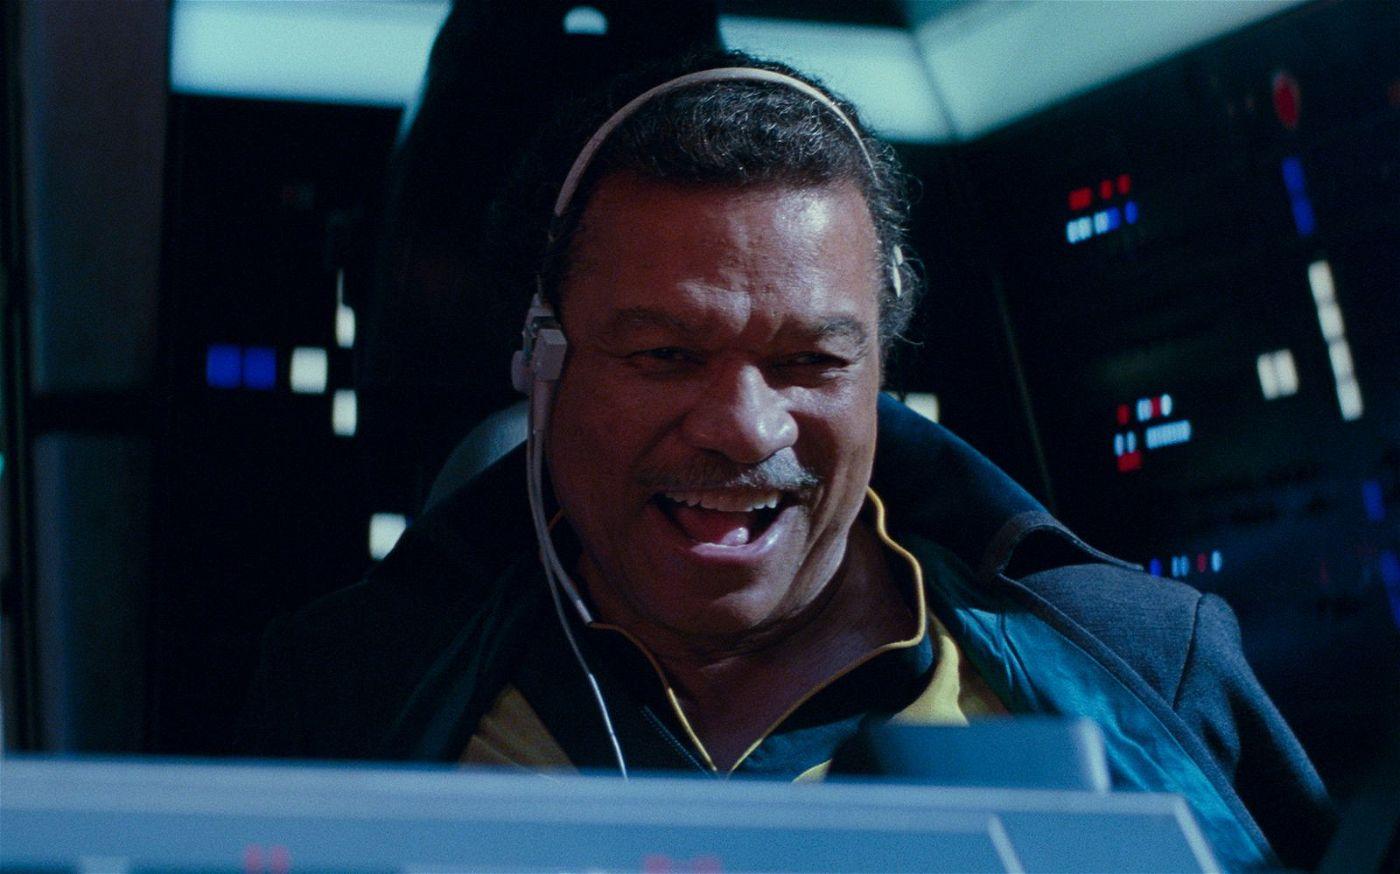 Wiedersehen mit einem alten Bekannten: Lando Calrissian (Billy Dee Williams) schlägt sich auf die Seite der Rebellen.